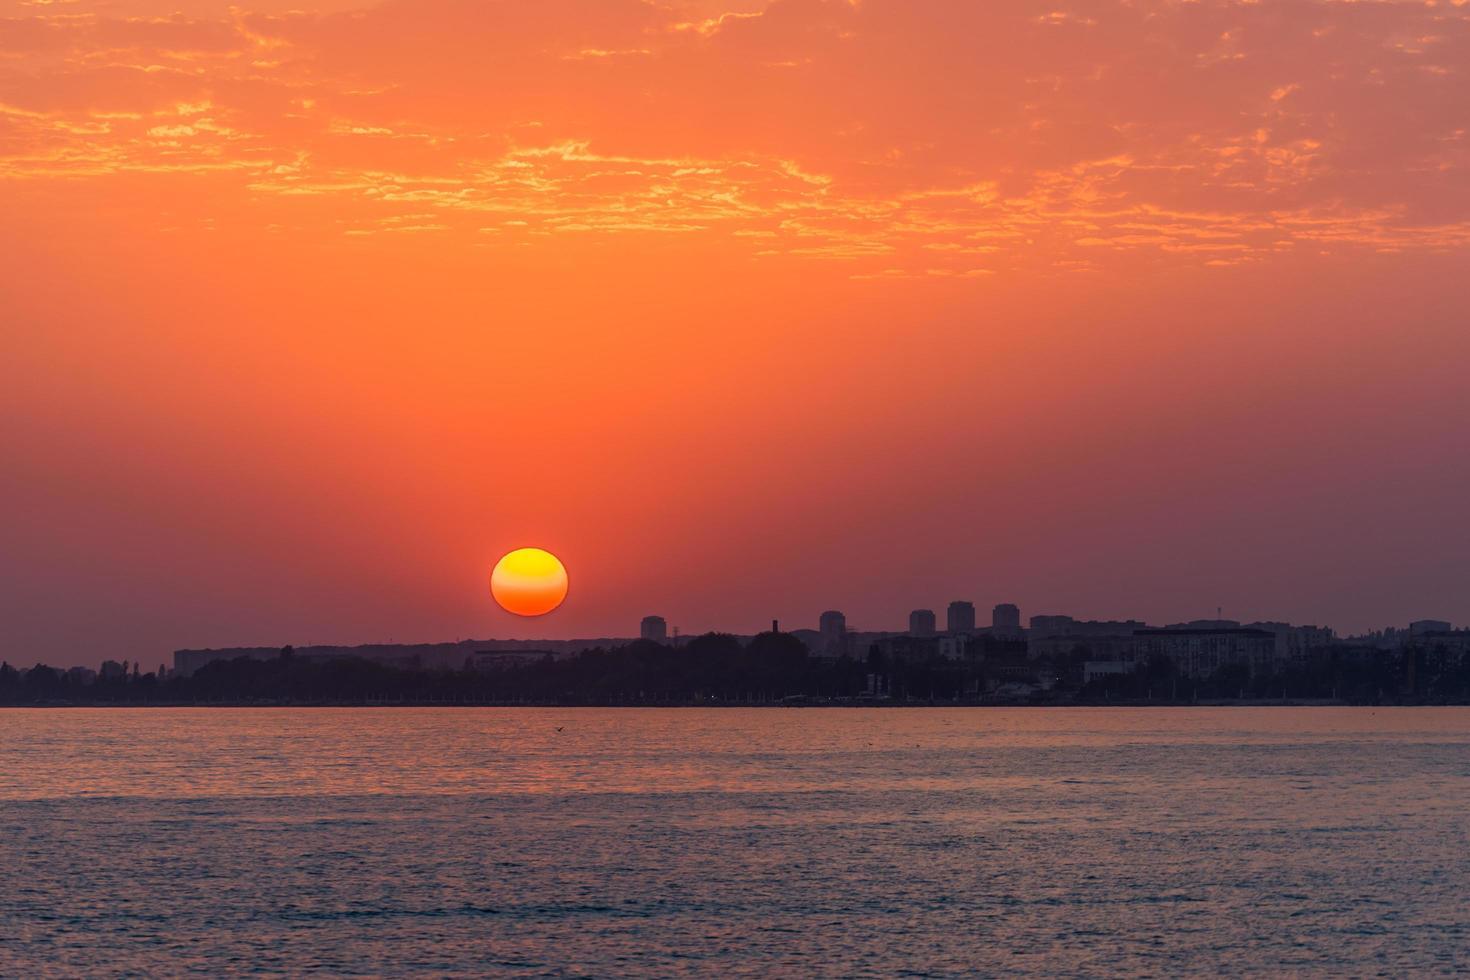 heller Sonnenuntergang über einem ruhigen Meer und buntem Himmel foto